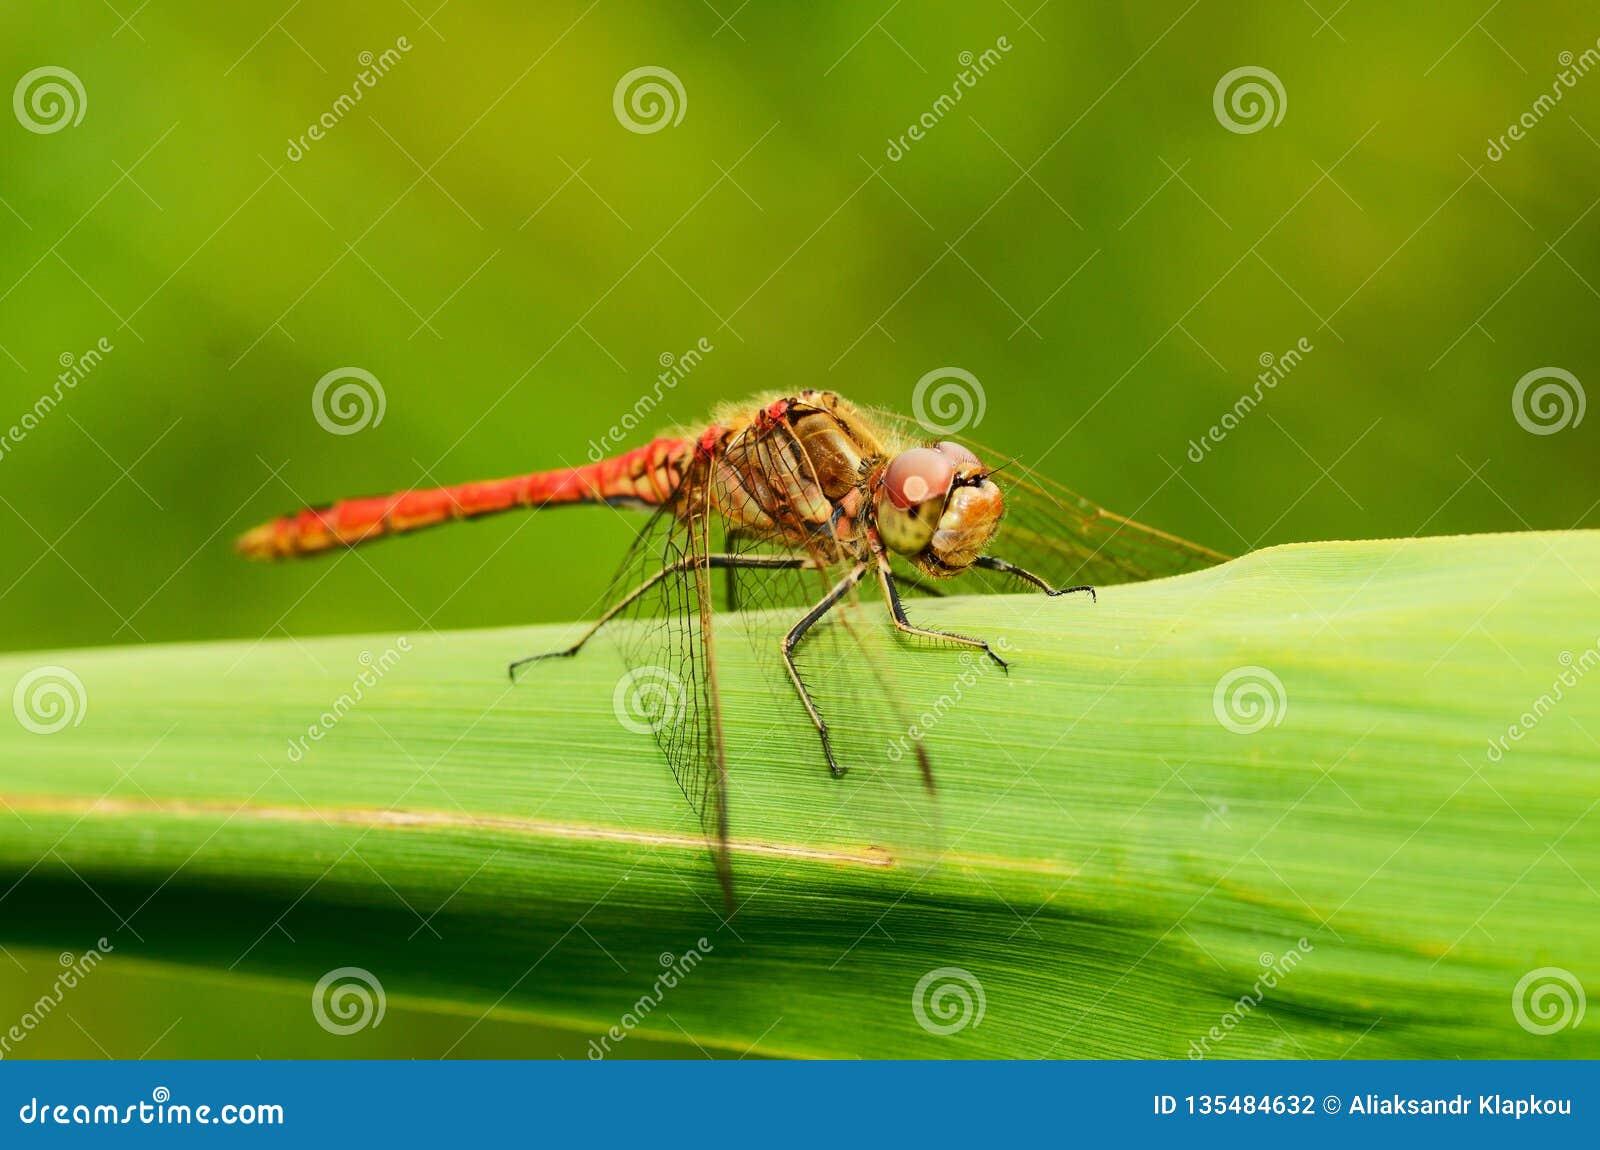 Libelle ist ein Insektenleben nahe Gewässern